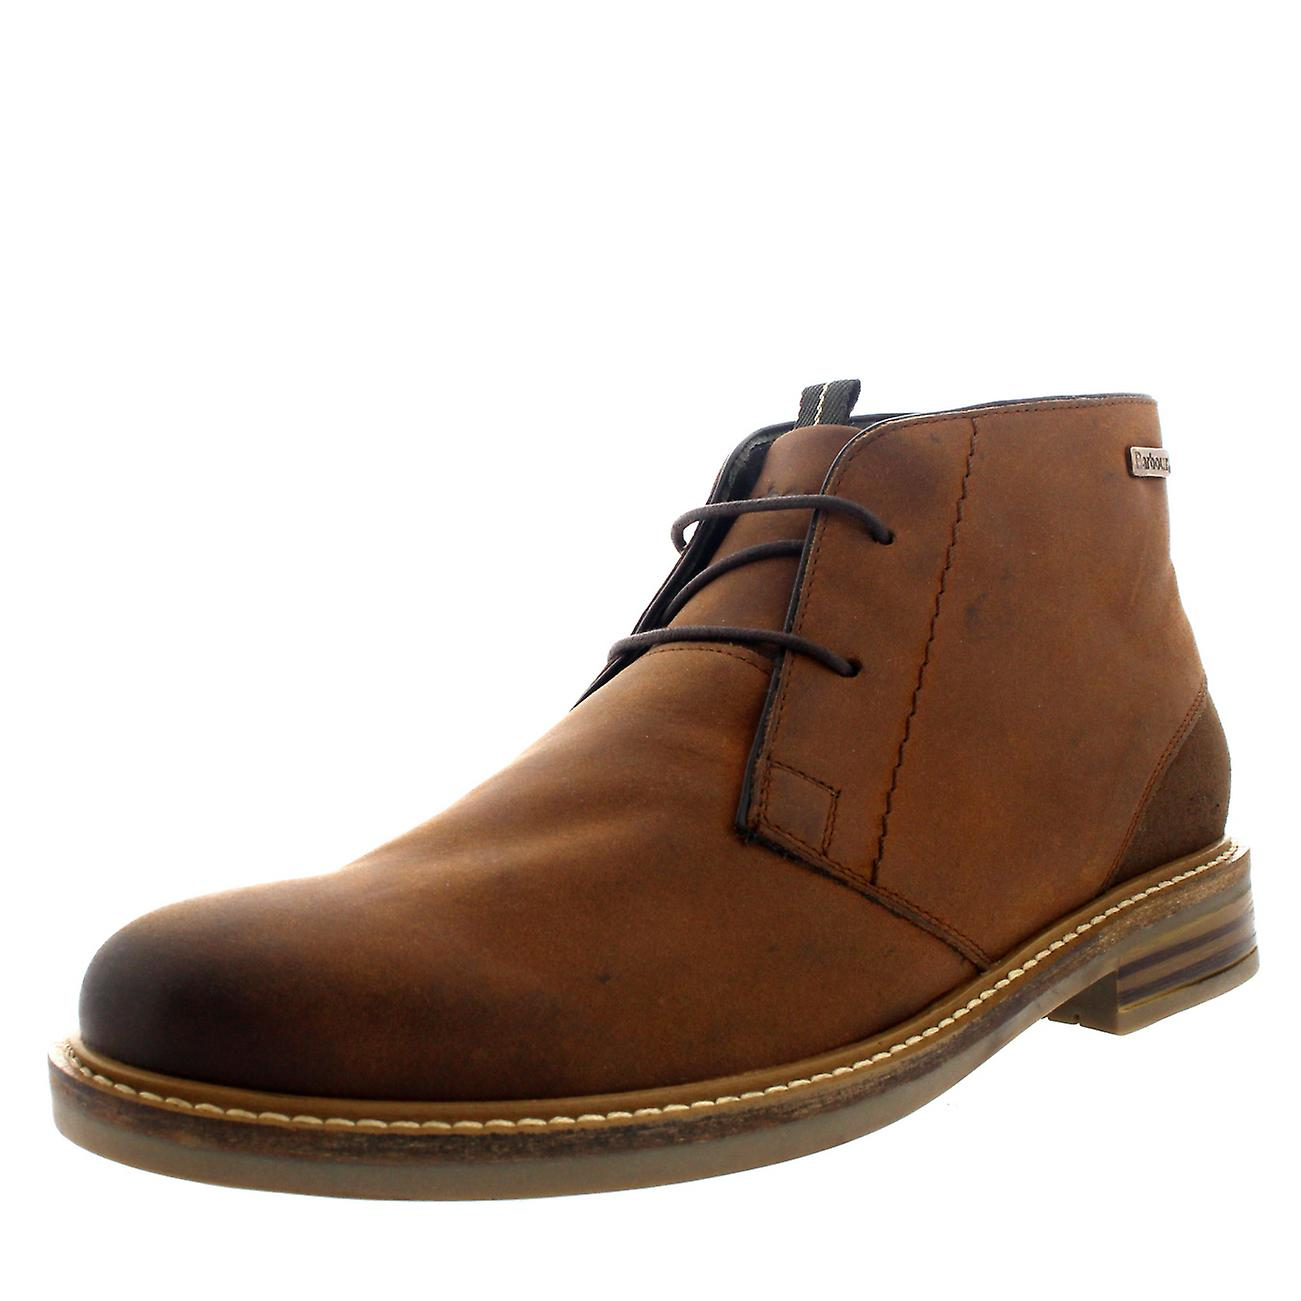 Mens barbour rossa - chukka intelligente tan ufficio scarpe di di di cuoiostivaletti | Prima il cliente  a1c7e8